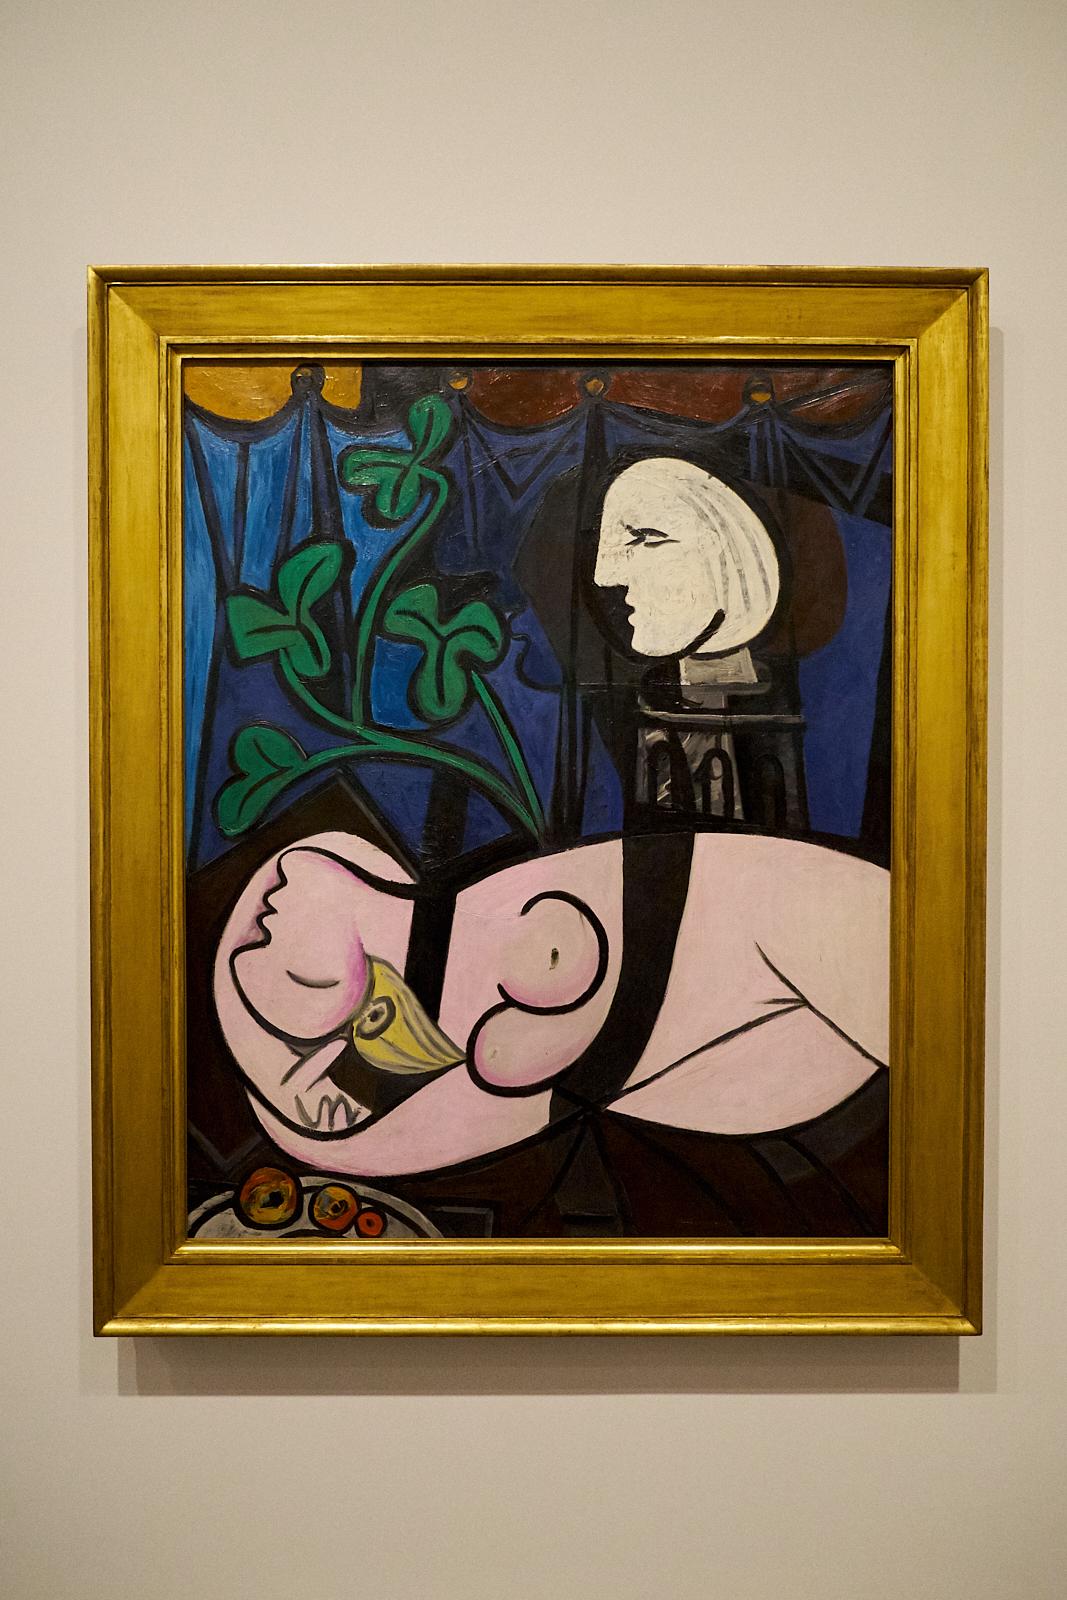 Pablo Picasso —  Femme nue, feuilles et buste , 1932